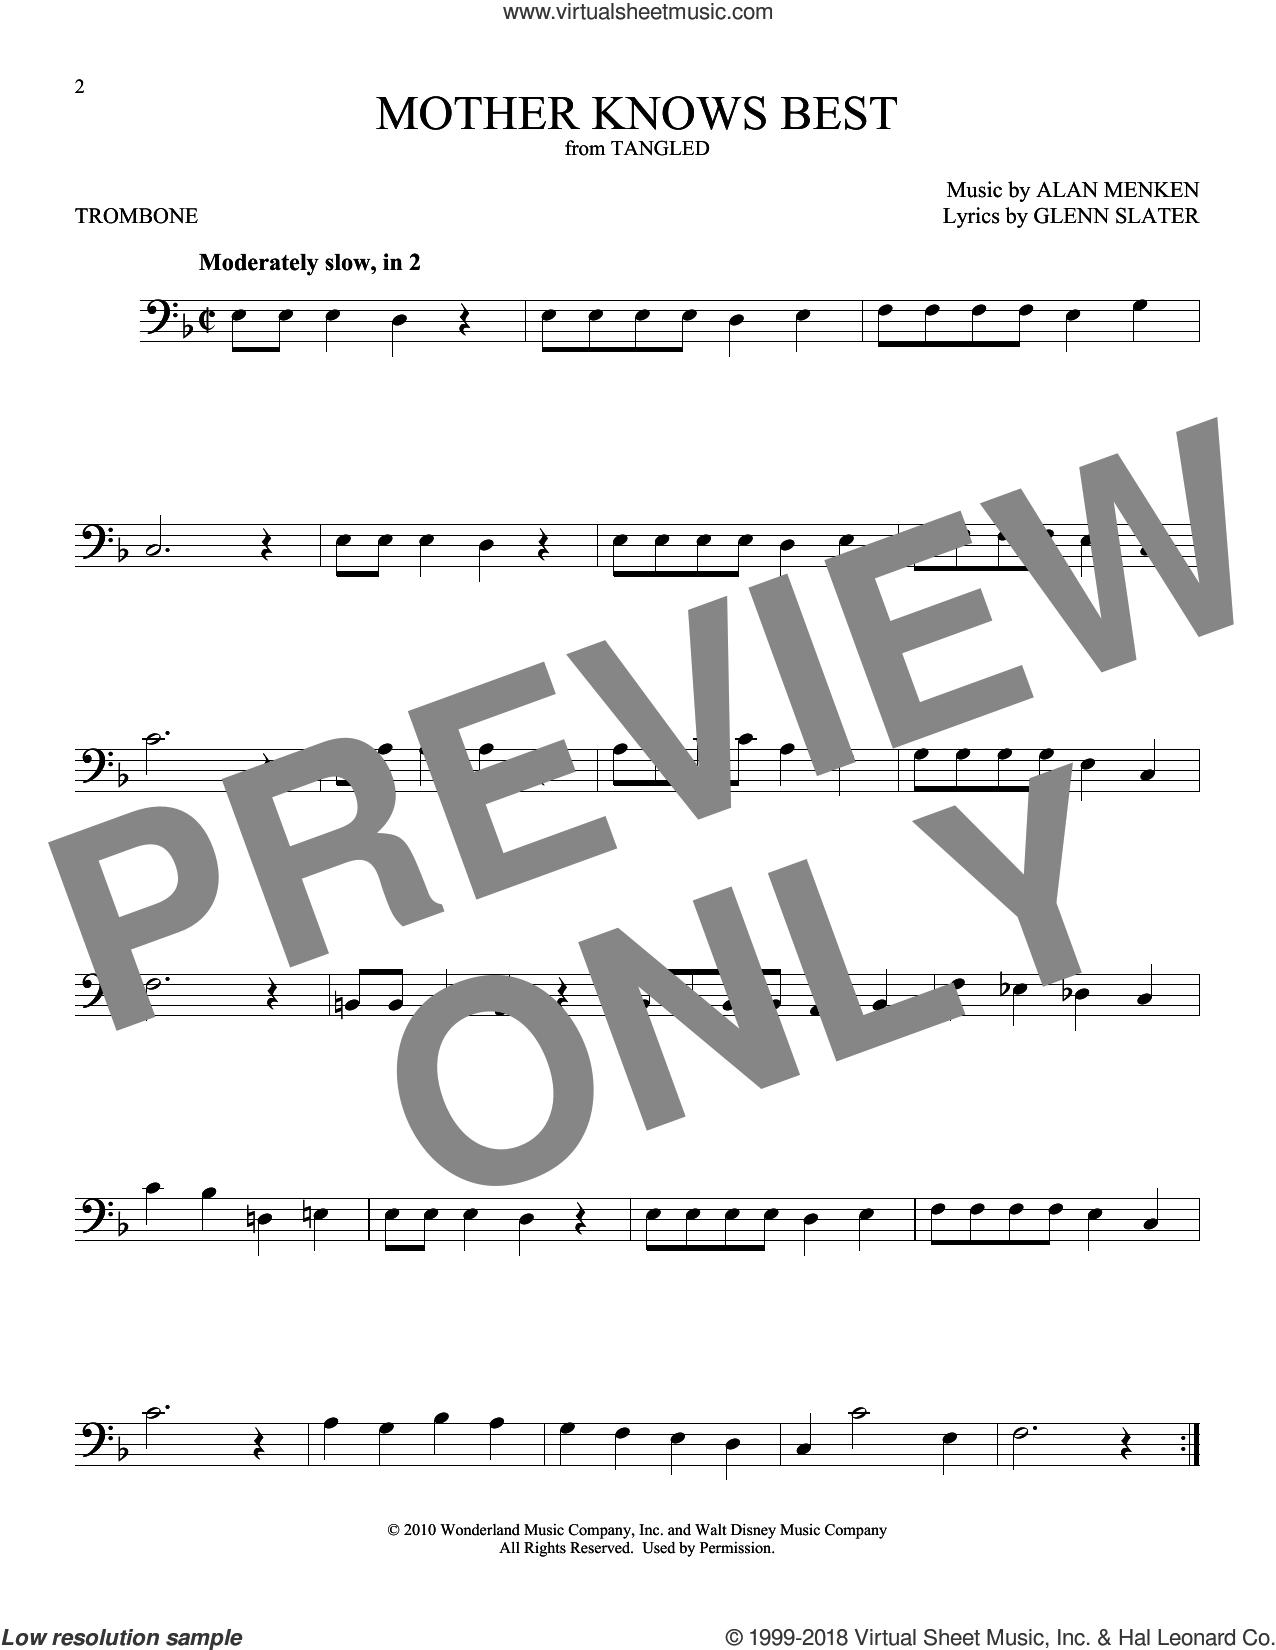 Mother Knows Best (from Disney's Tangled) sheet music for trombone solo by Alan Menken and Glenn Slater, intermediate skill level